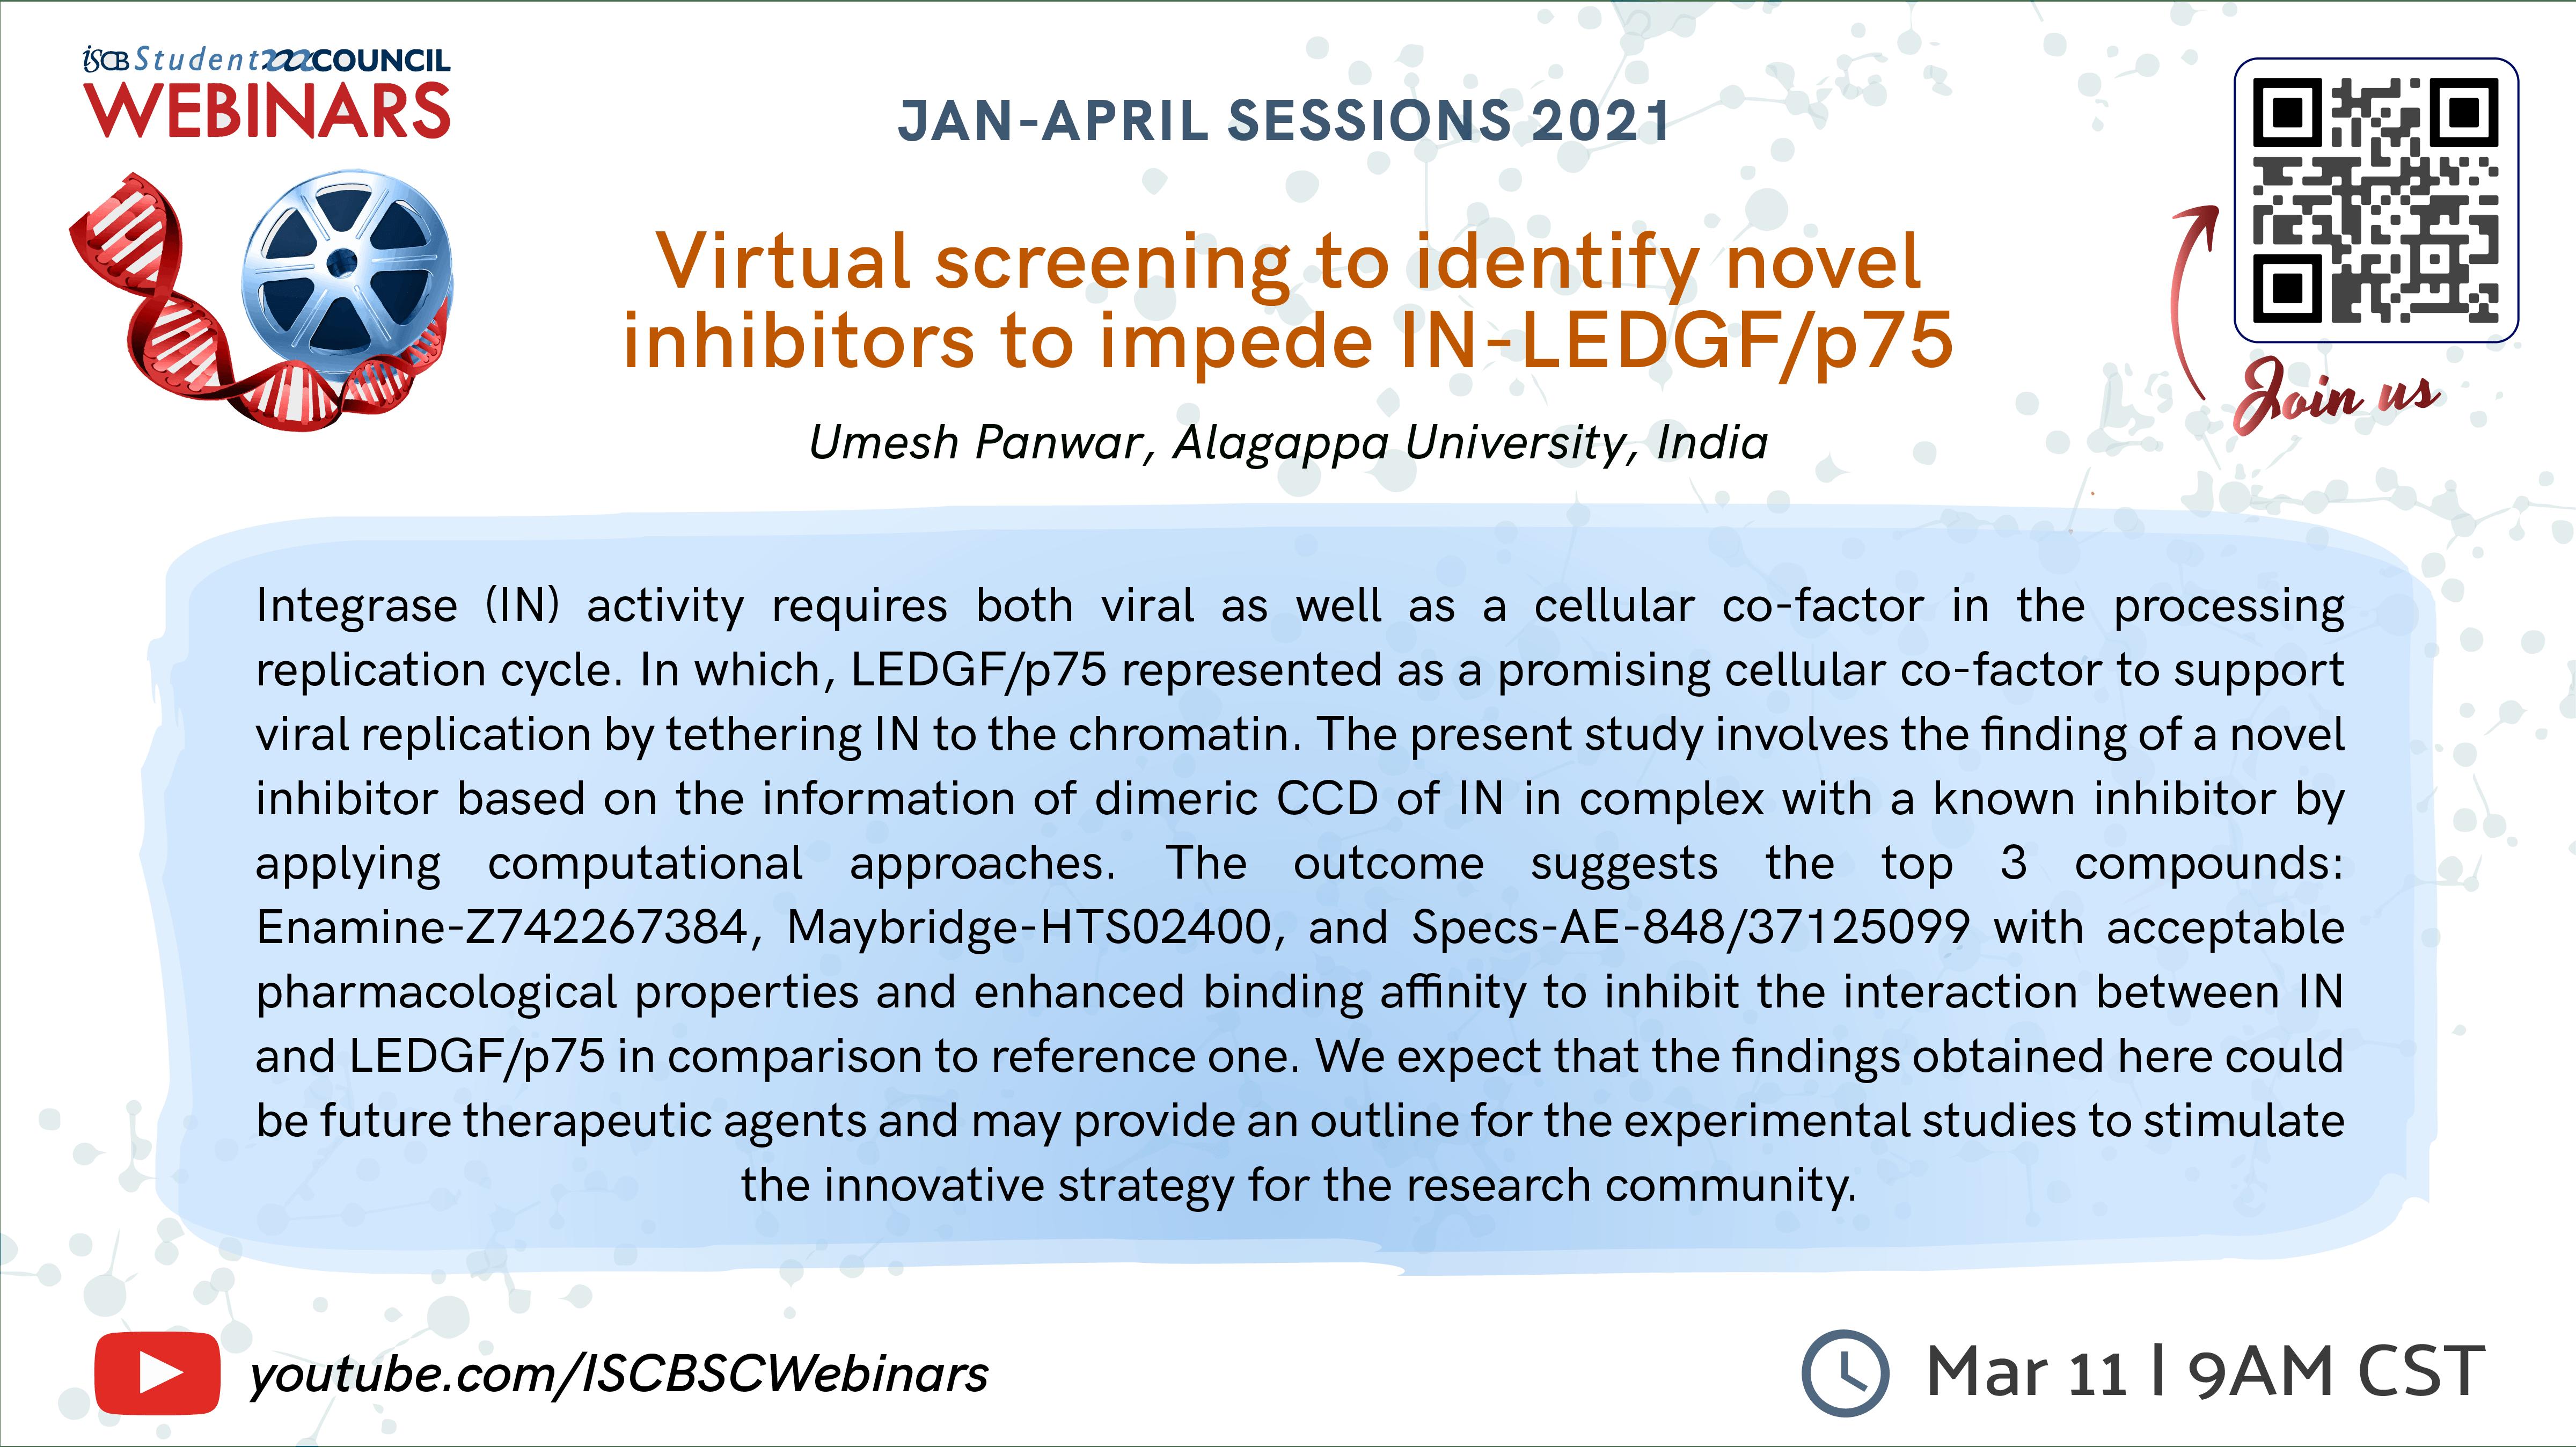 Umesh Panwar: Virtual screening to identify novel inhibitors to impede IN-LEDGF/p75